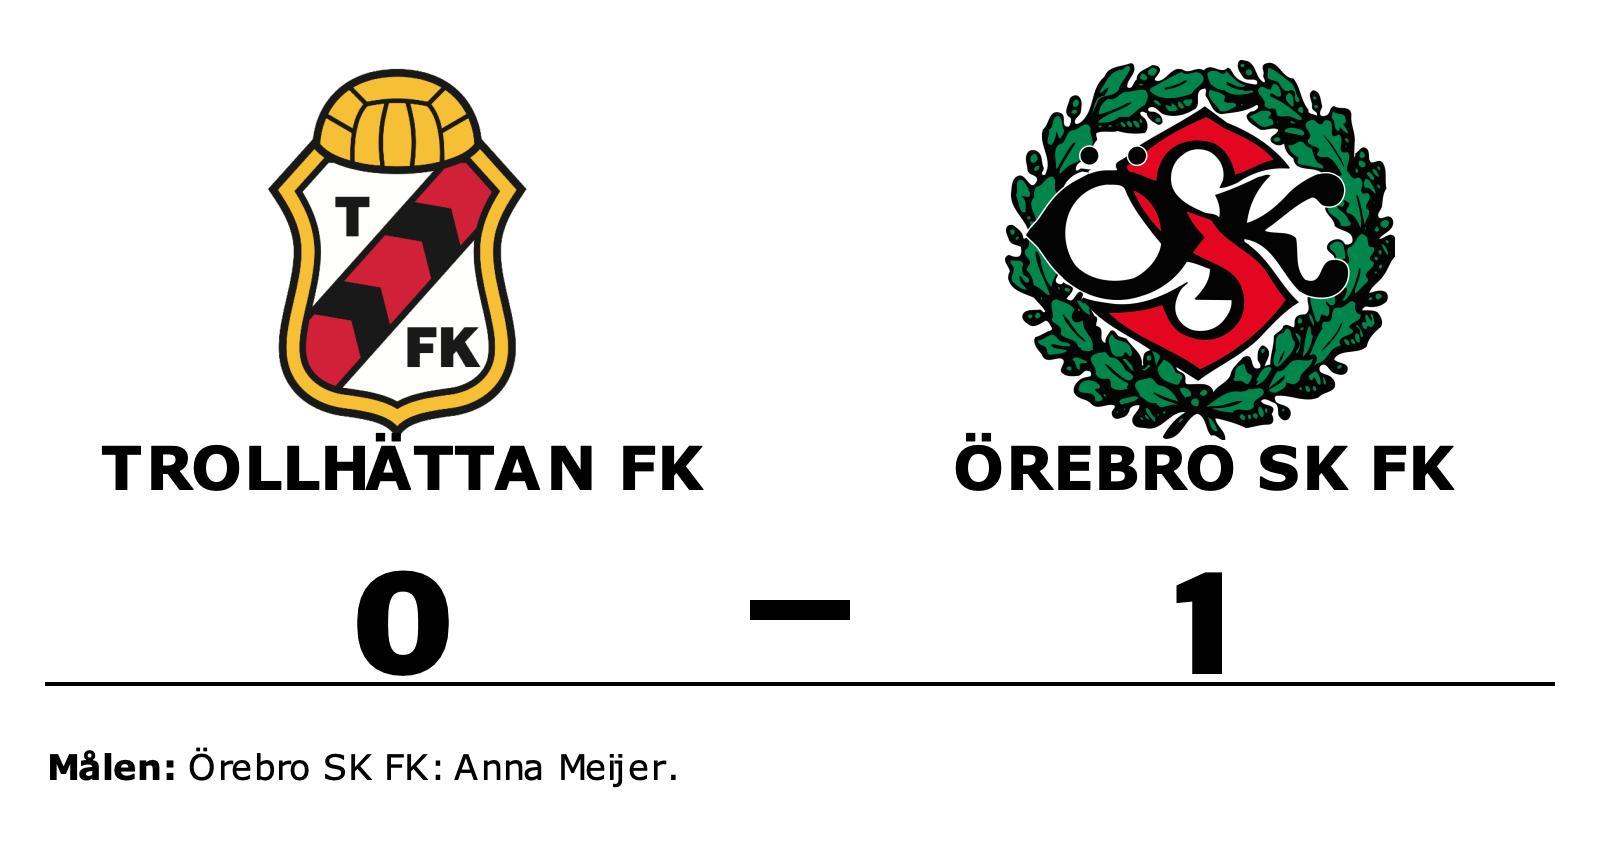 Örebro SK FK upp i topp efter seger mot Trollhättan FK